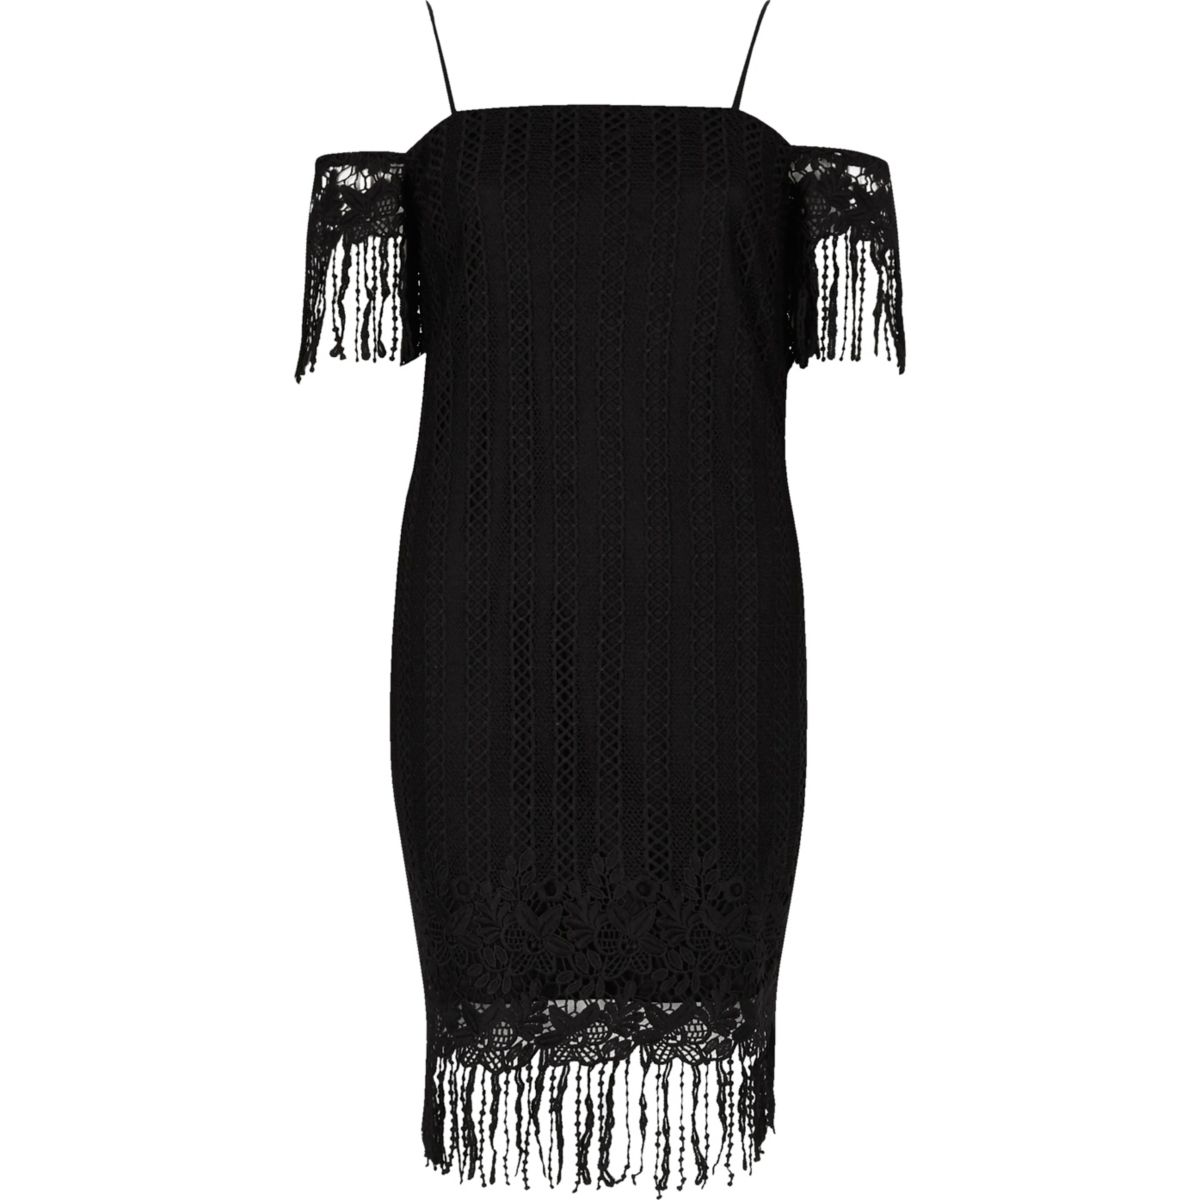 Black lace cold shoulder slip dress